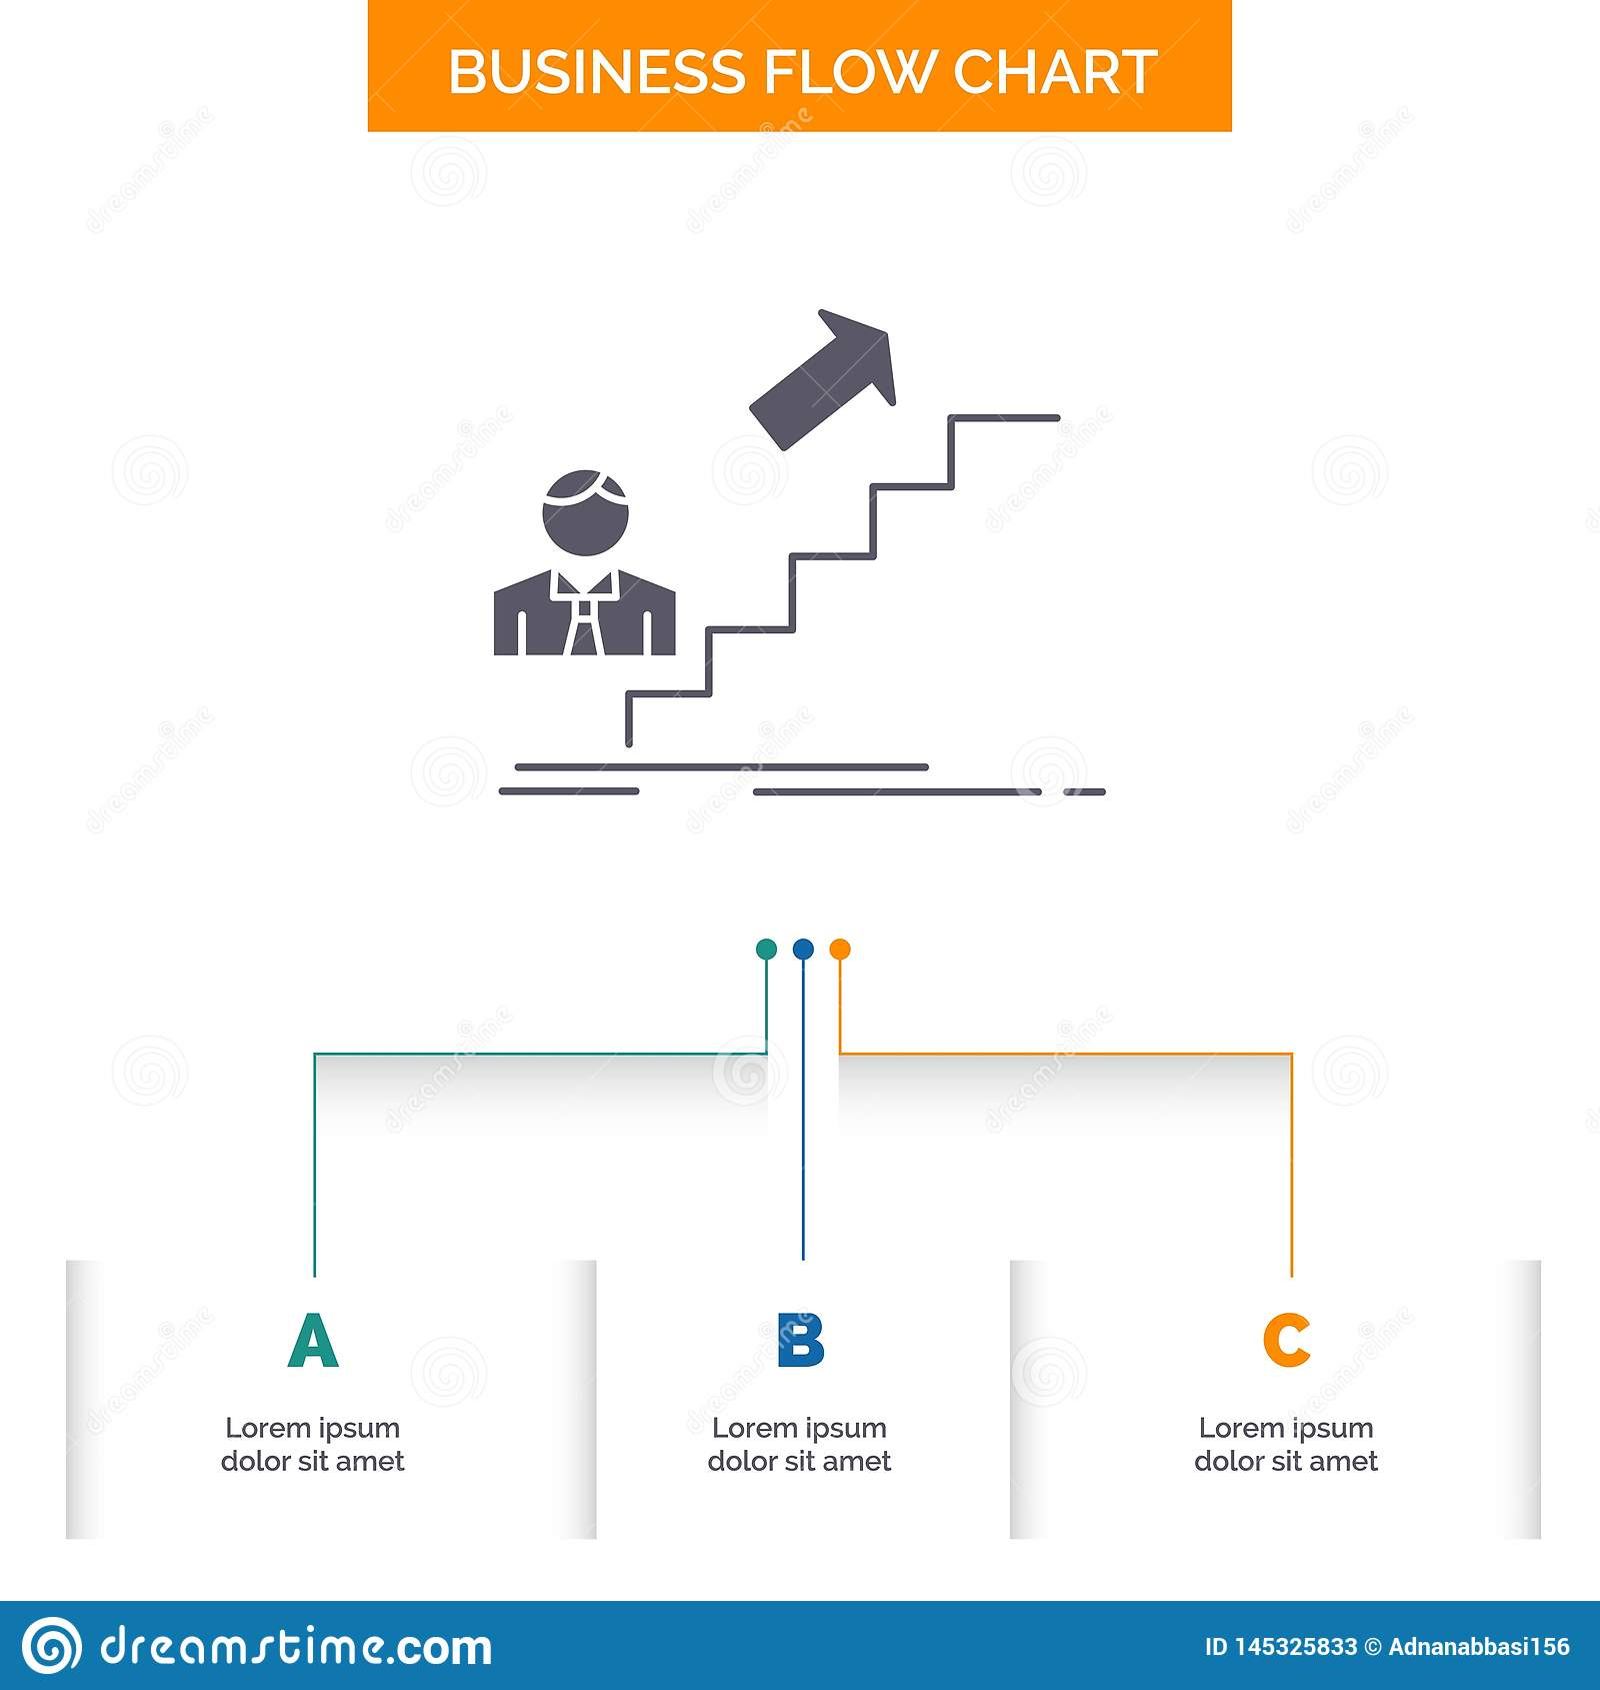 Bevordering, Succes, ontwikkeling, Leider, het Ontwerp carrière van de Bedrijfsstroomgrafiek met 3 Stappen Glyphpictogram voor Pr